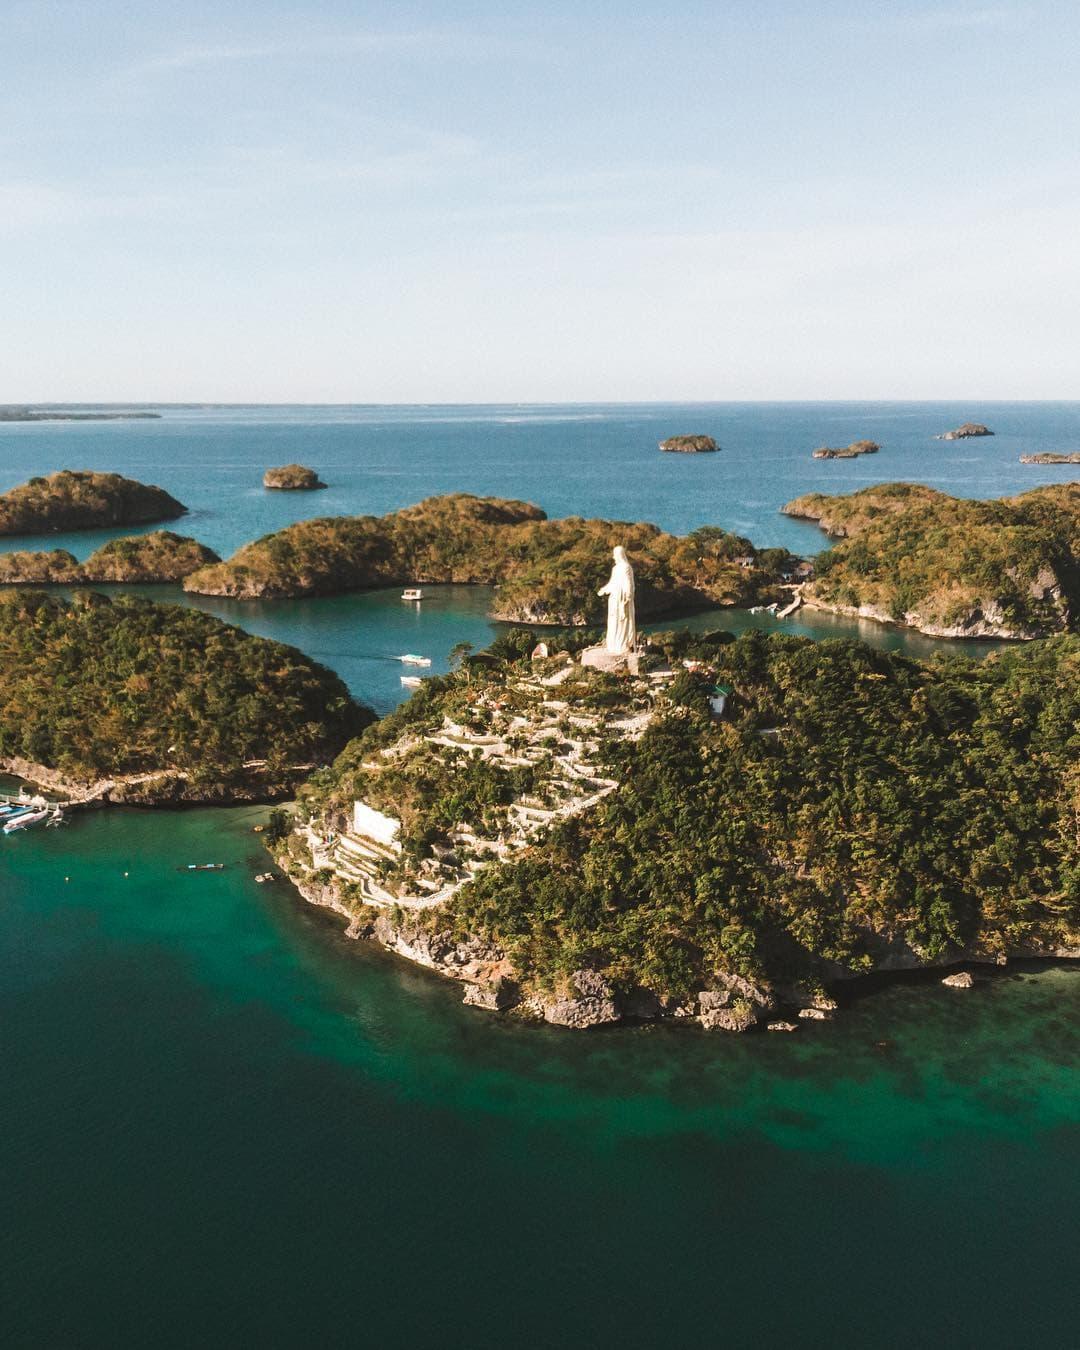 Hundred islands natural park, pilgrimage island, 100 islands, hundred islands tour, what to do in Hundred Islands, Hundred islands, Hundred islands Natural Park, Hundred Islands Travel Guide